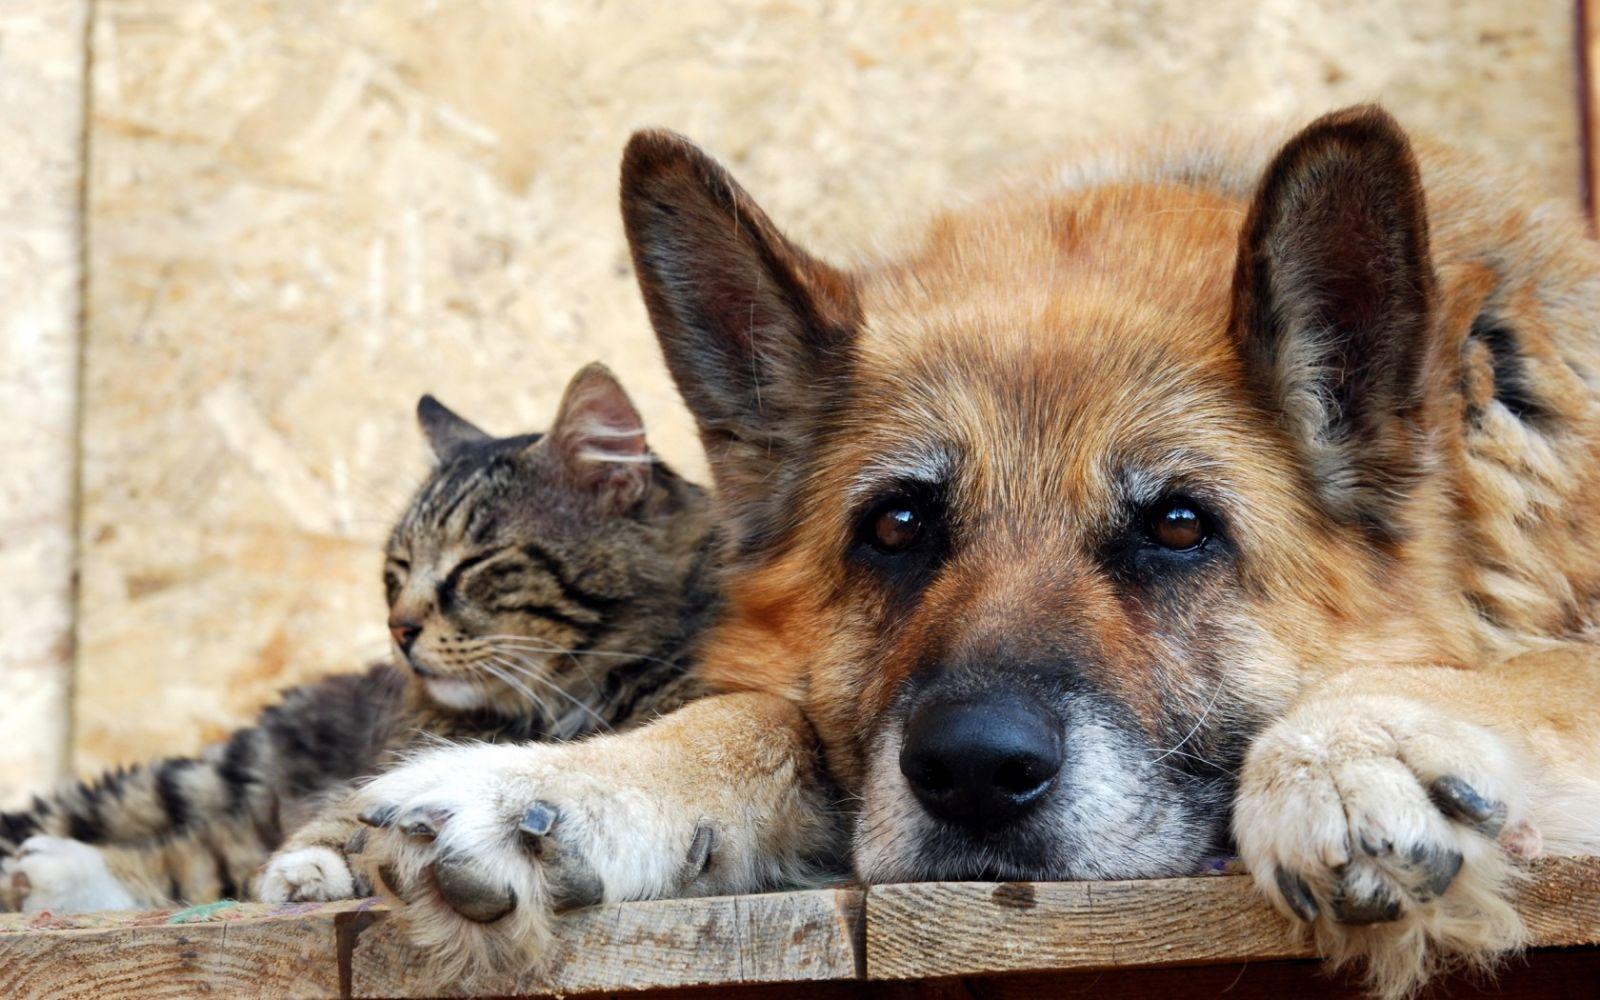 ОП АО приглашает на рабочую встречу по вопросу выработки предложений для решения проблем бездомных животных